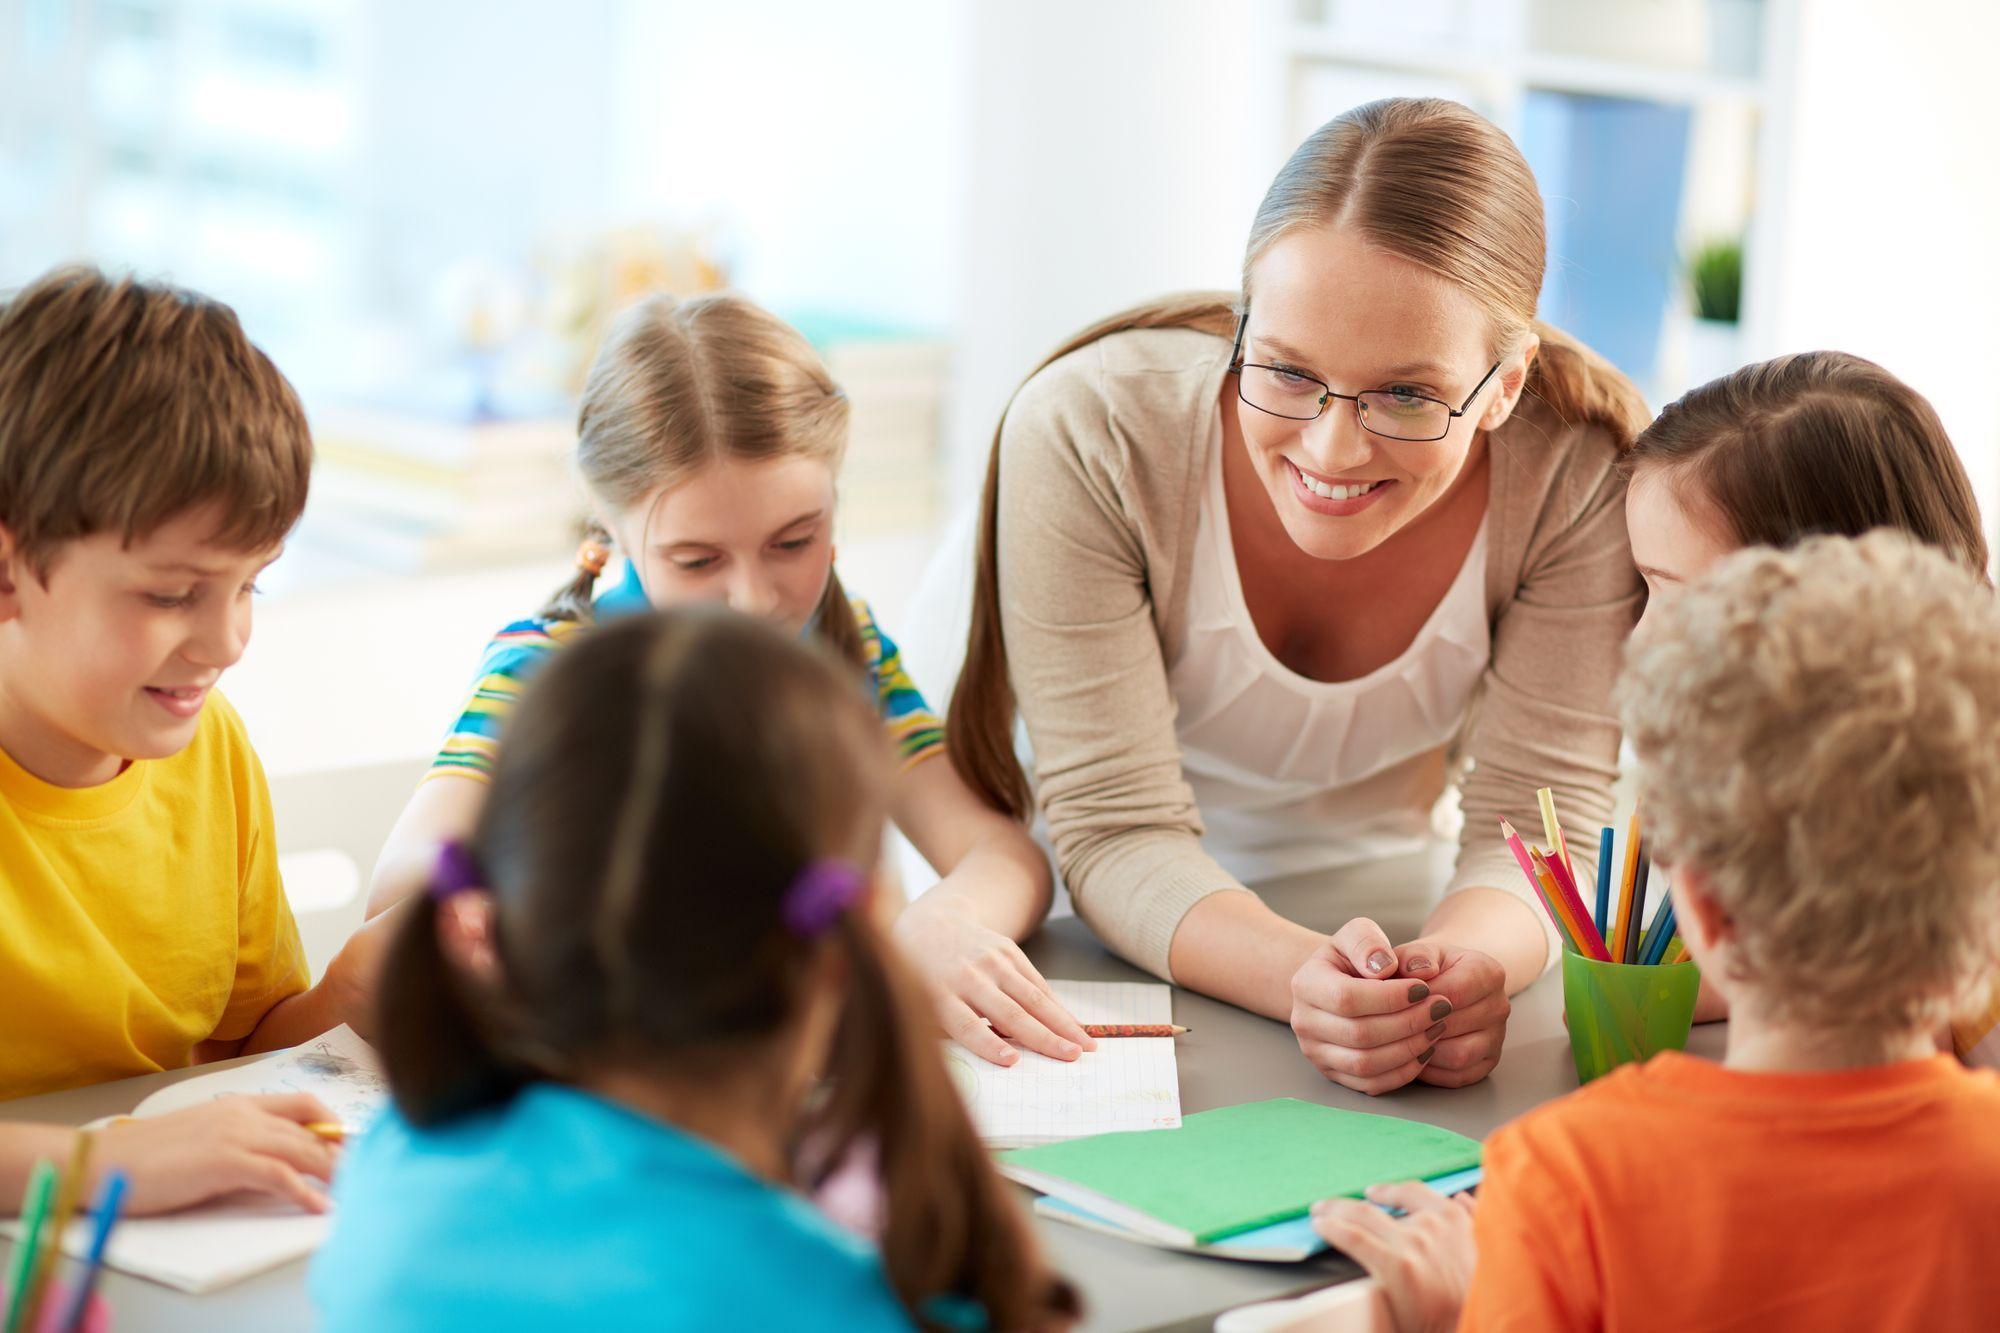 Portfolio Pelajar: Adakah Ia Penting dan Bagaimana Cara untuk Menulis Portfolio?